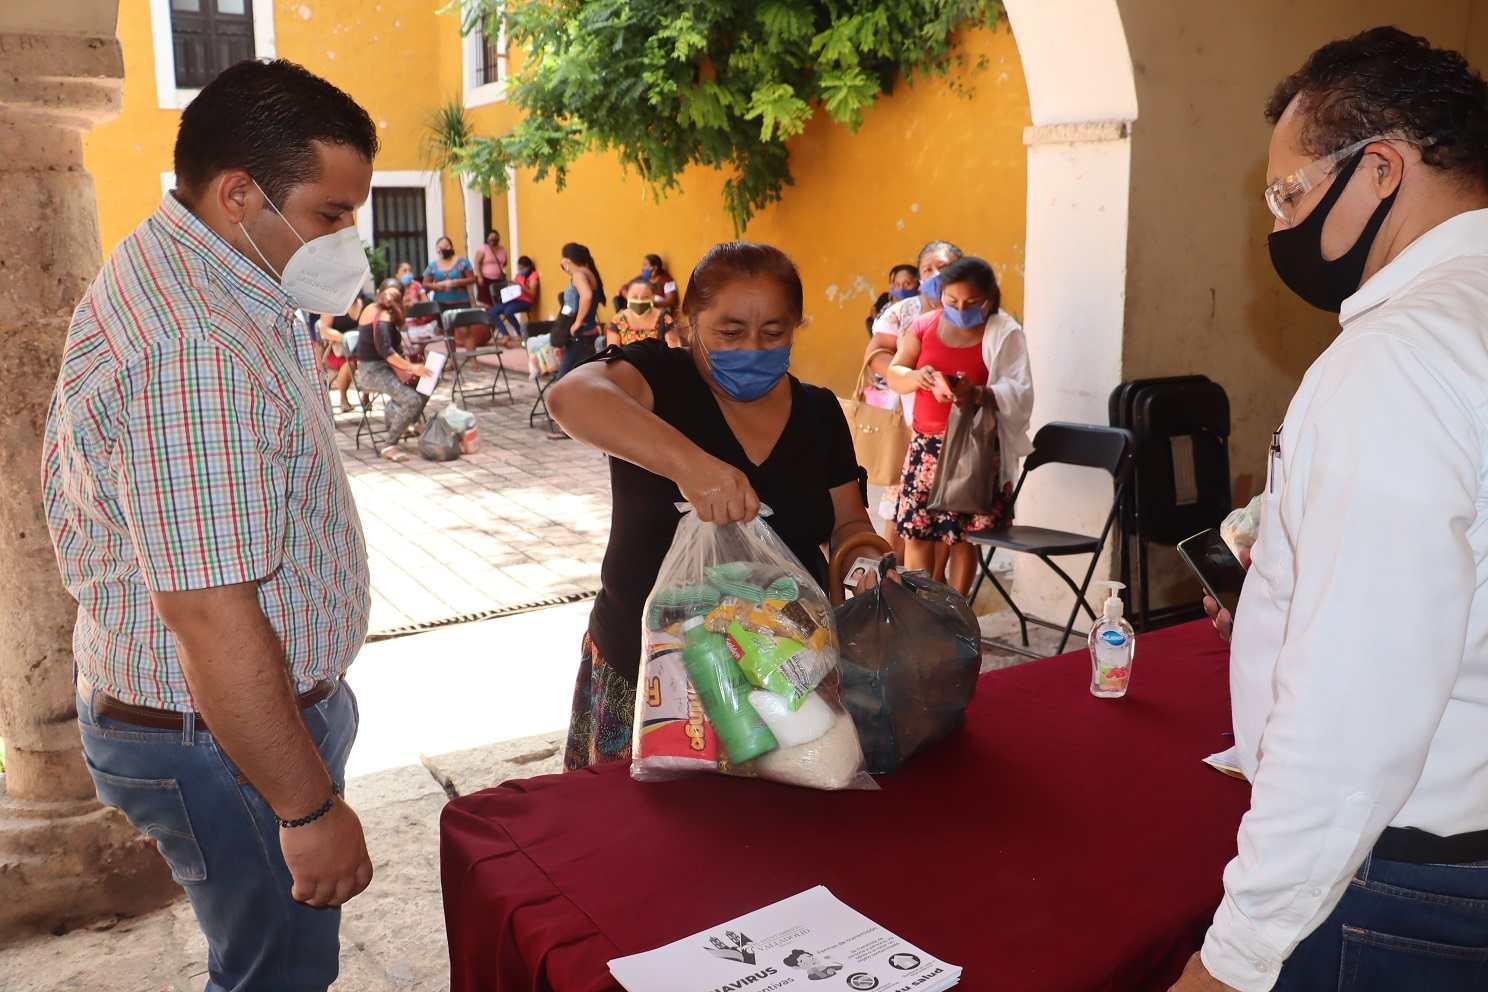 Artesanos d centro Zaci, reciben apoyo del Ayuntamiento